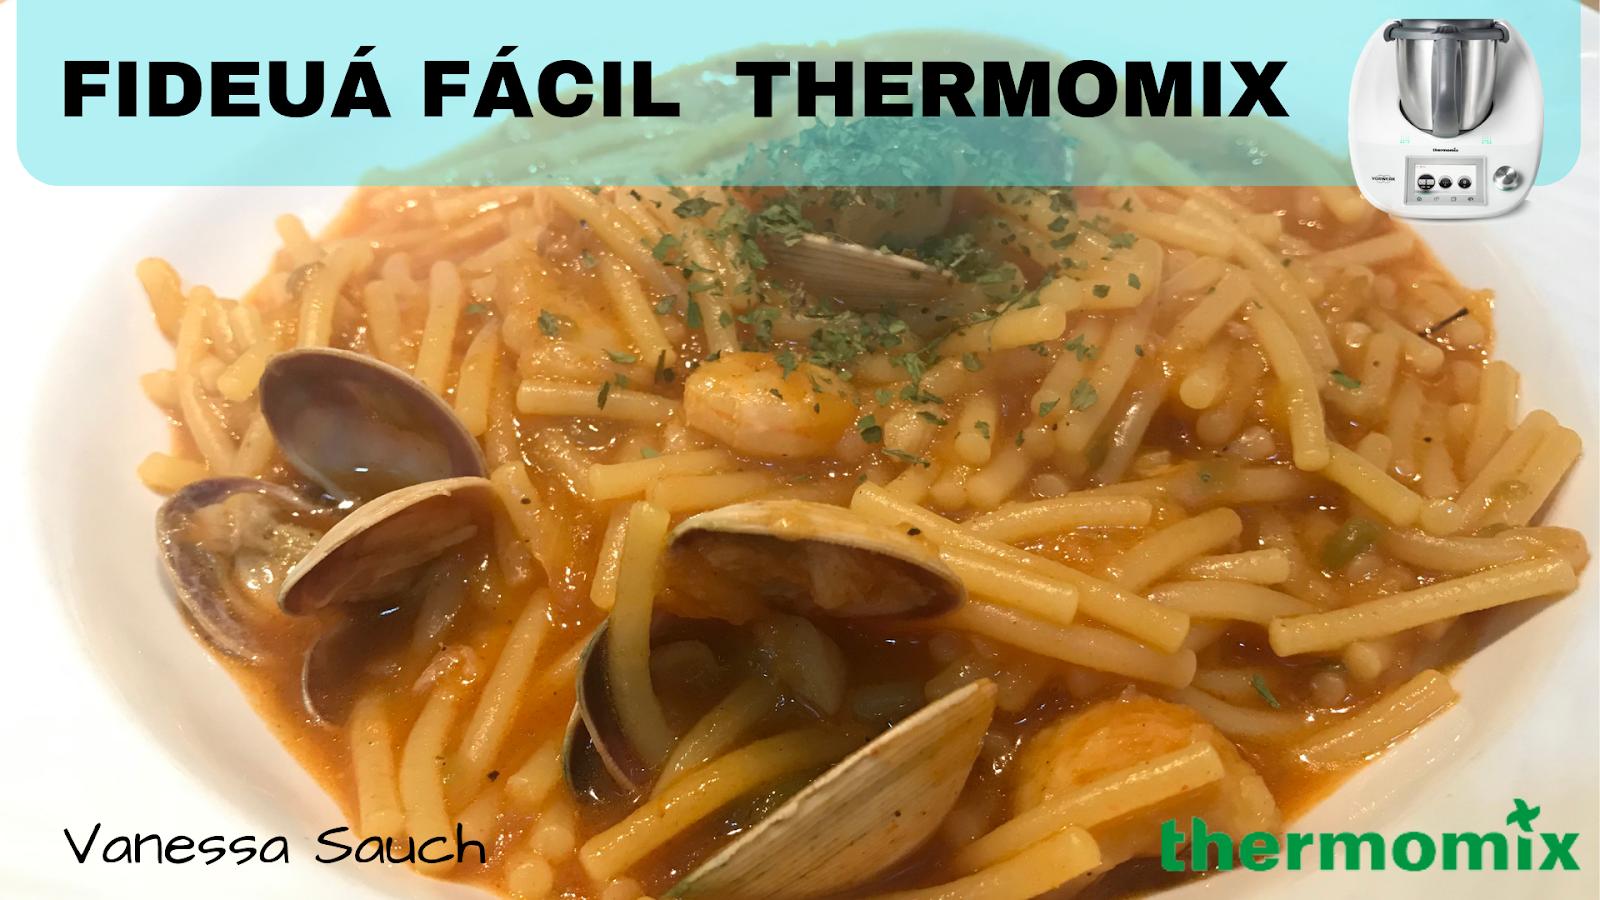 Fideuá Fácil En Thermomix